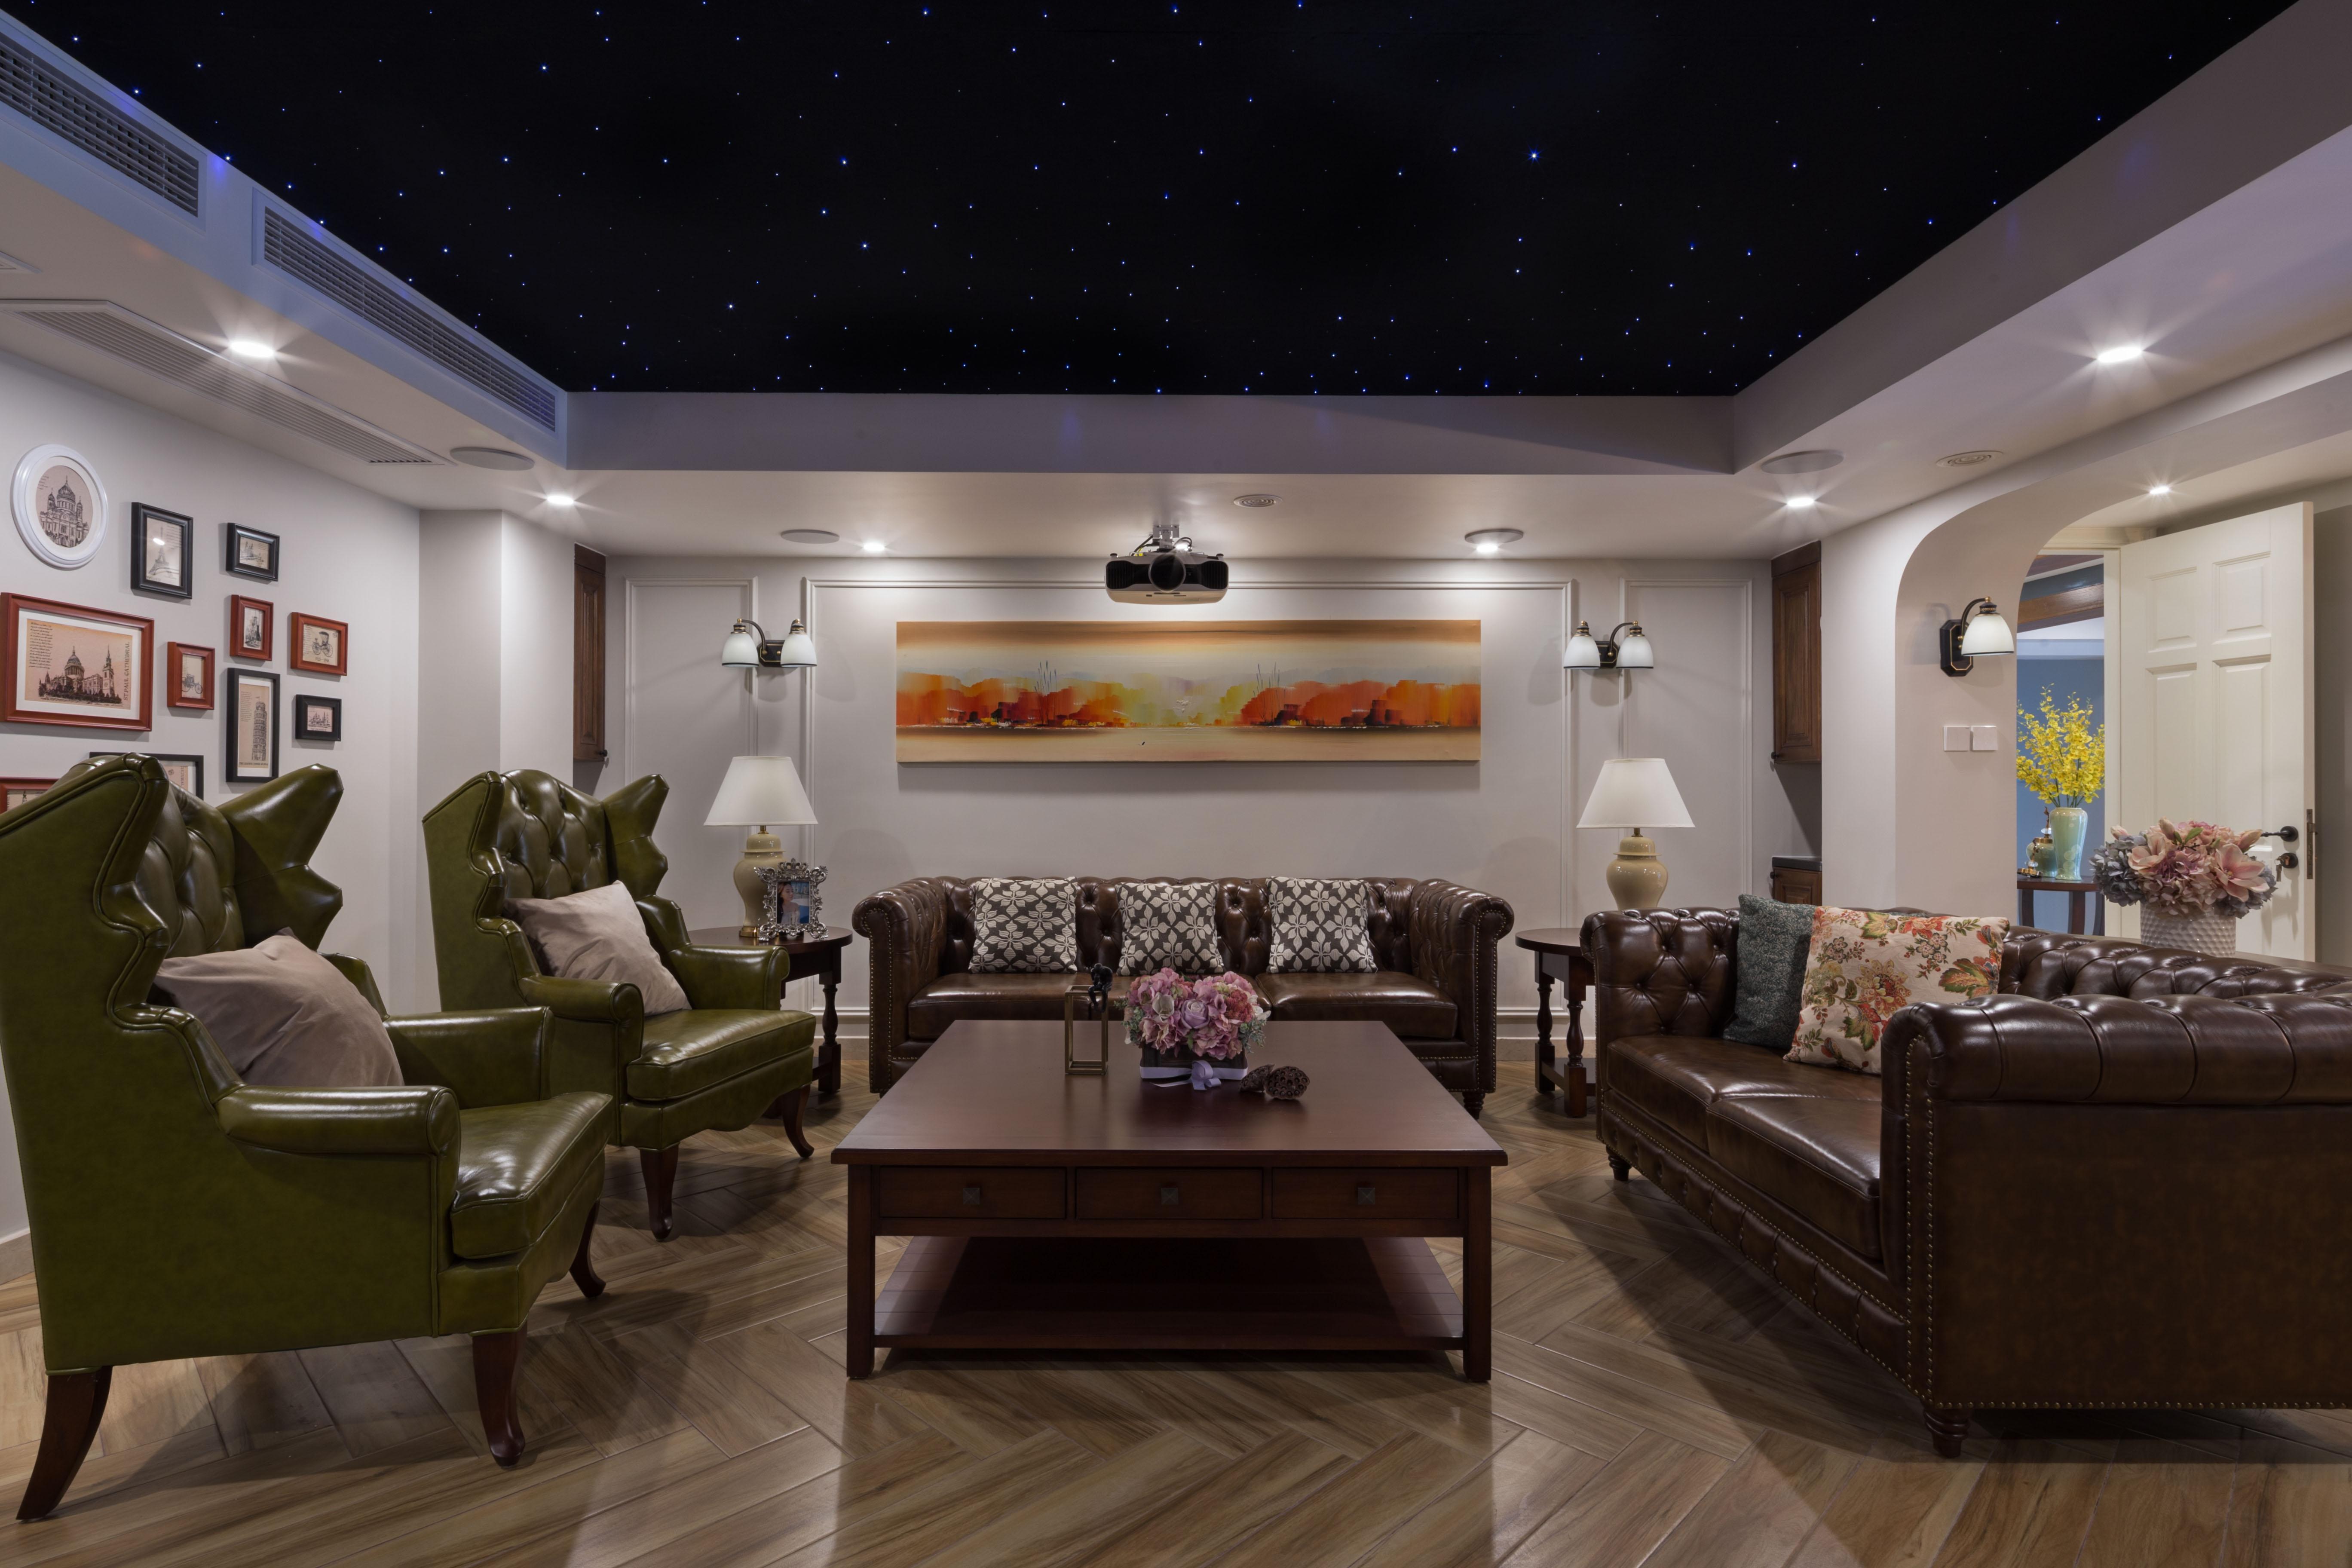 中金海棠湾 别墅装修 美式风格 别墅设计师 腾龙别墅设 客厅图片来自孔继民在中金海棠湾别墅美式风格设计方案的分享